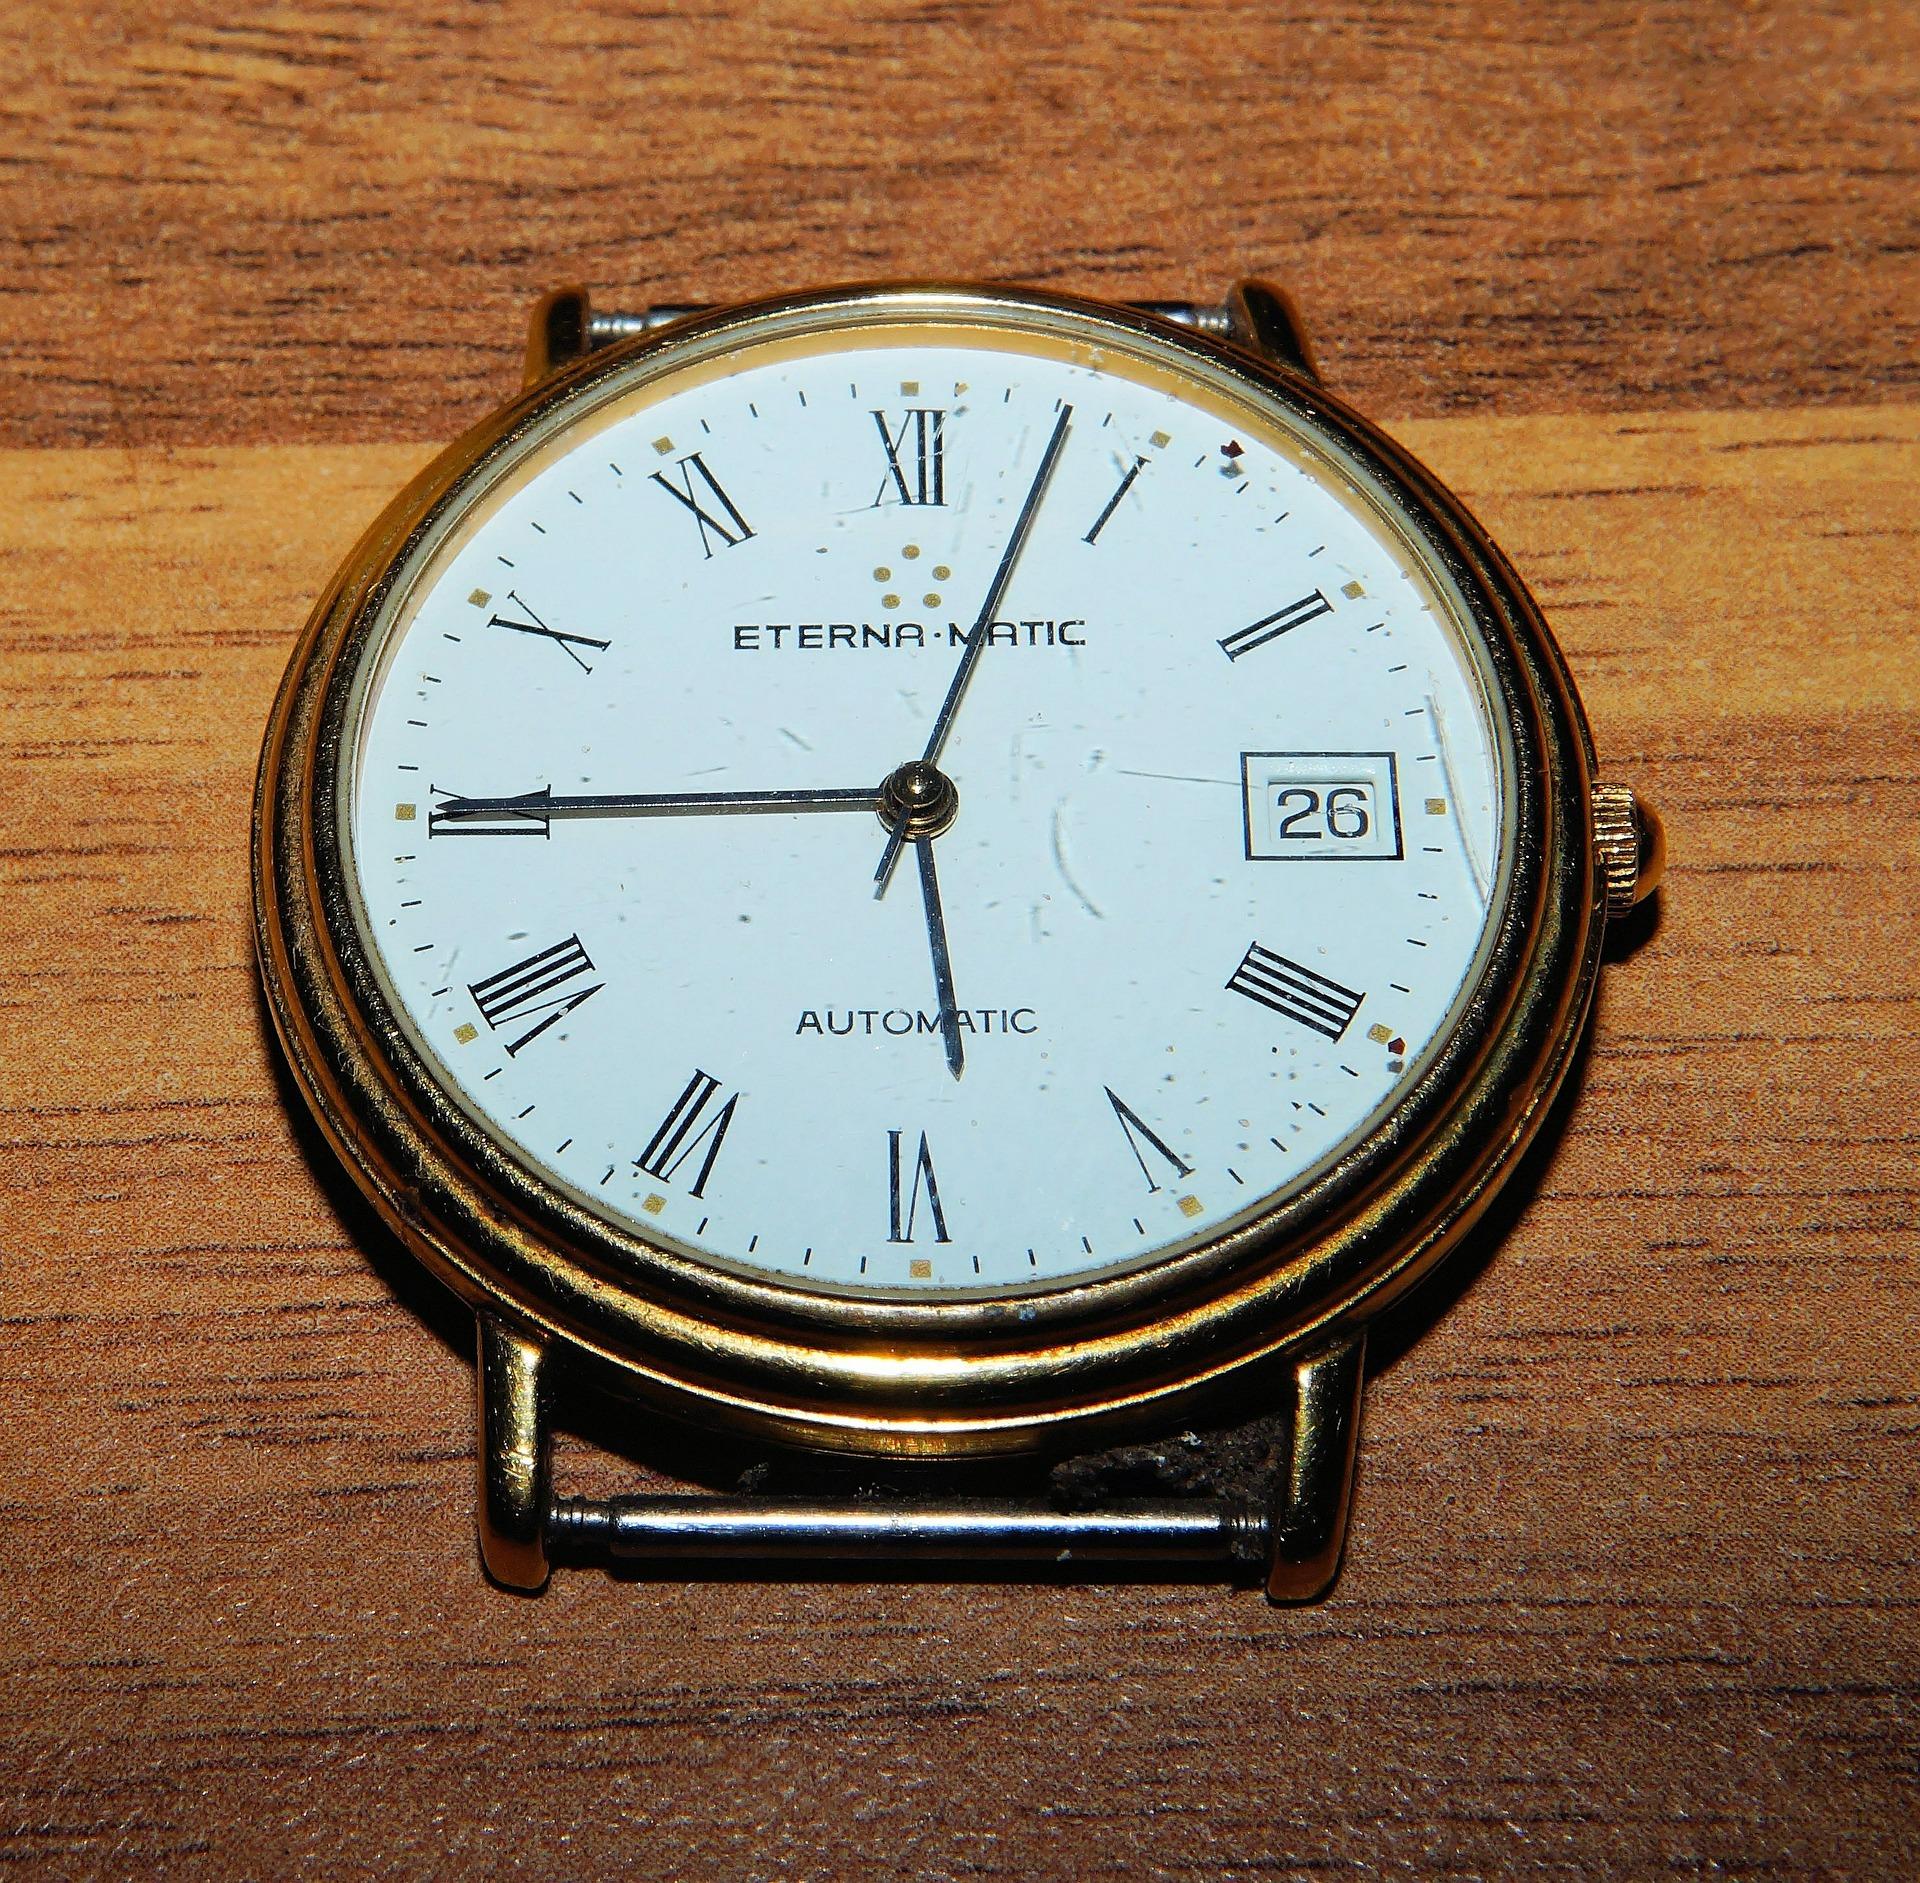 clock: 5:45